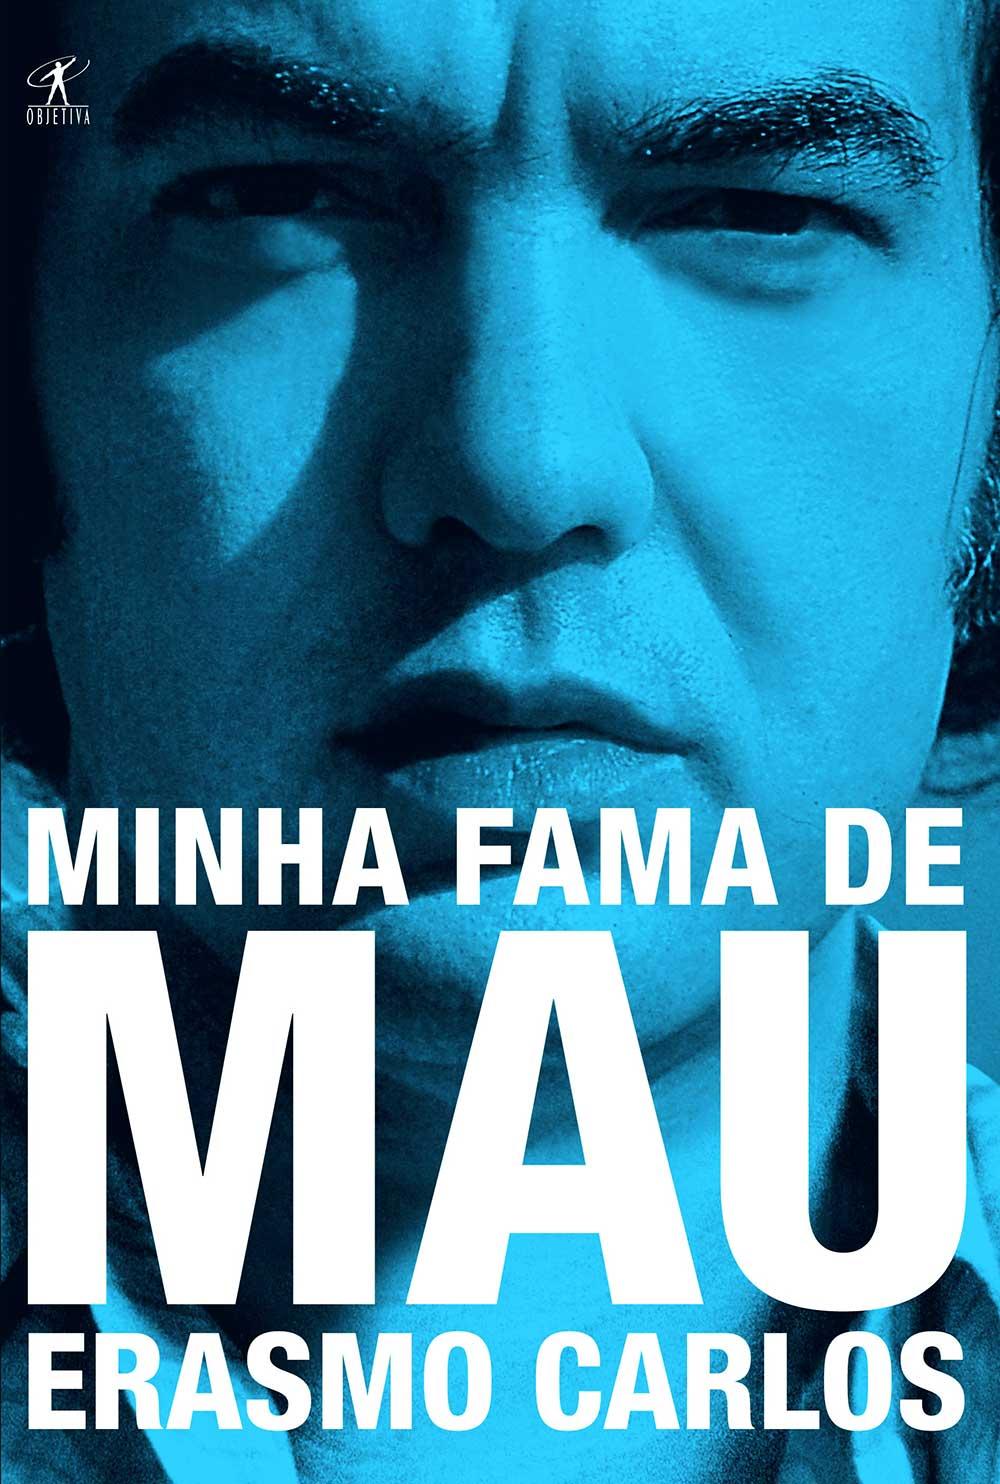 literatura paraibana ensaio erasmo carlos 80 anos jovem guarda samba sambalaço